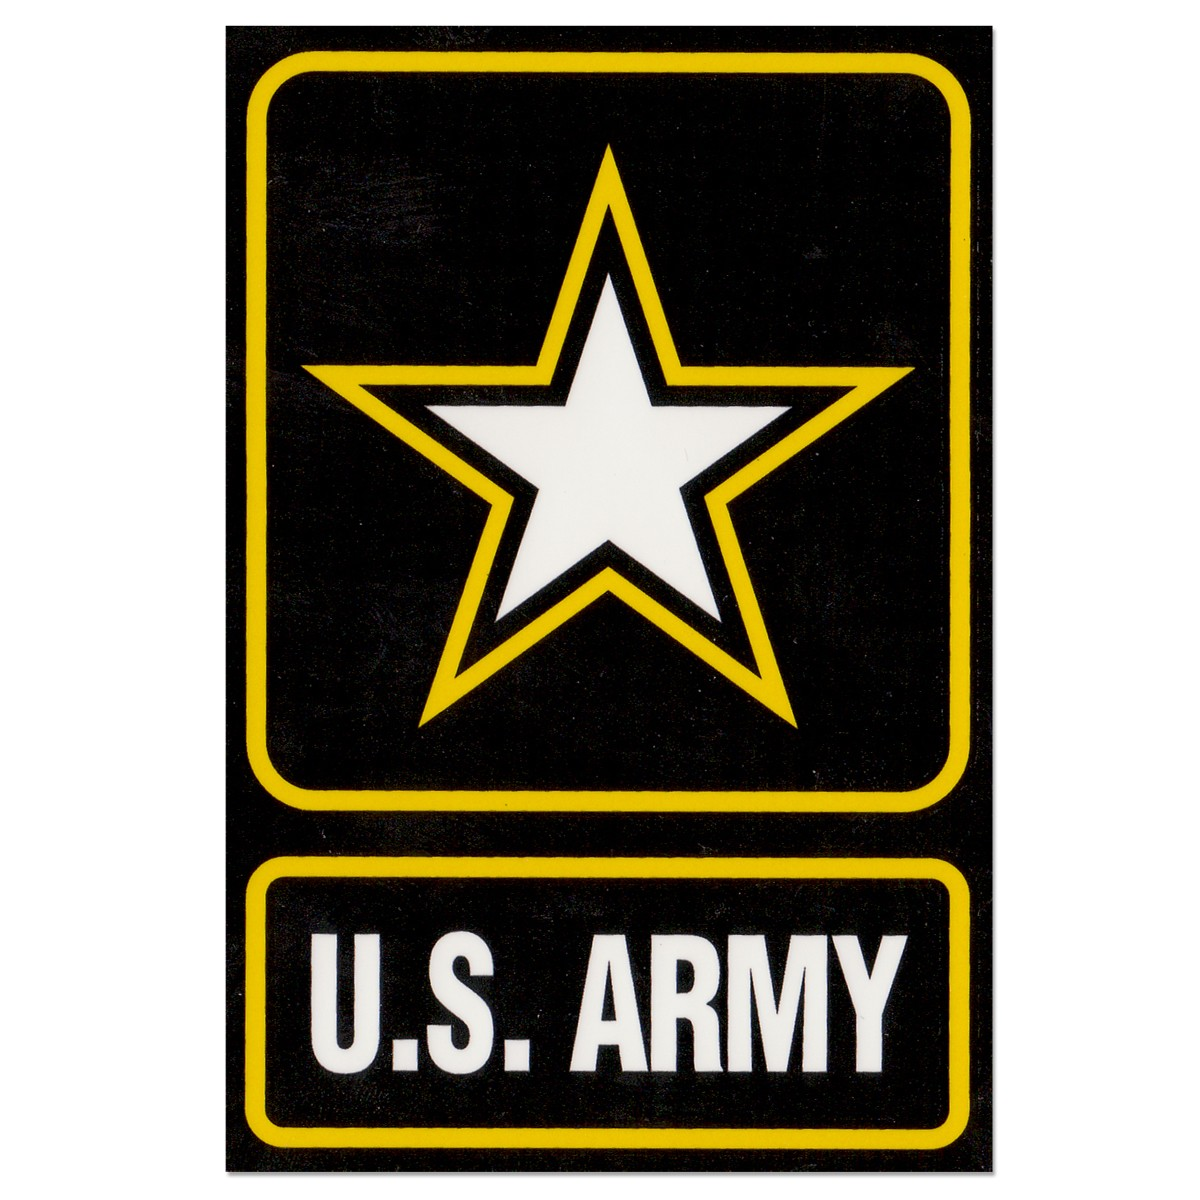 flgdecl1000004808_-00_us-army-logo-flag-decal.jpg